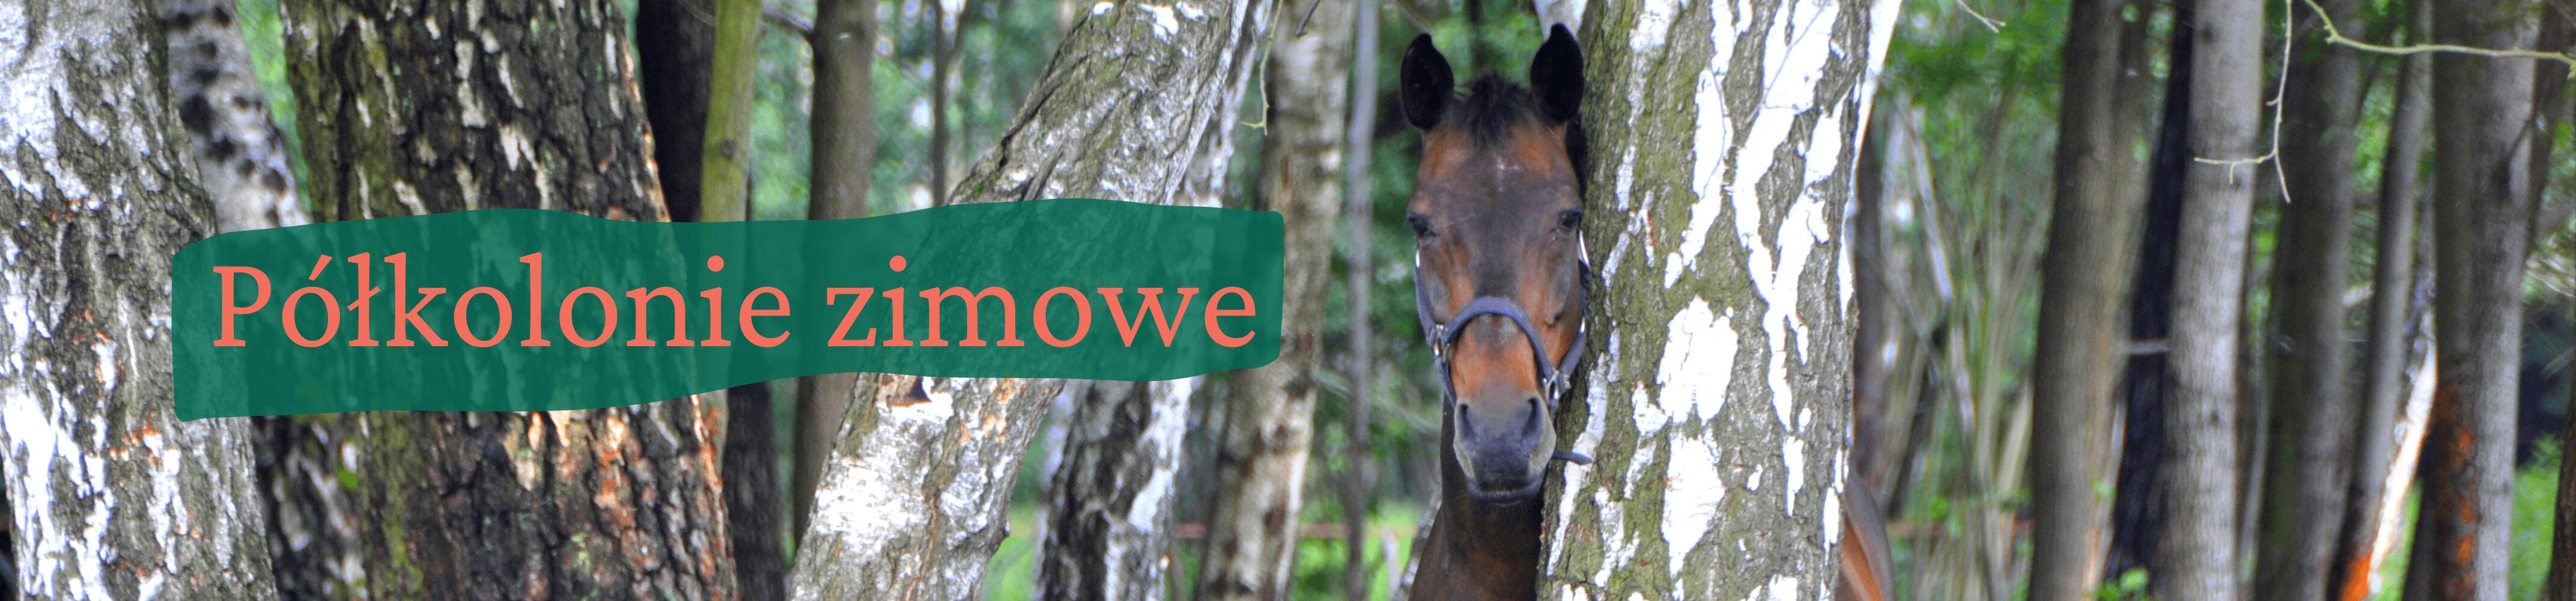 Portret gniadego konia stojącego za brzozą. Z lewej strony napis półkolonie zimowe